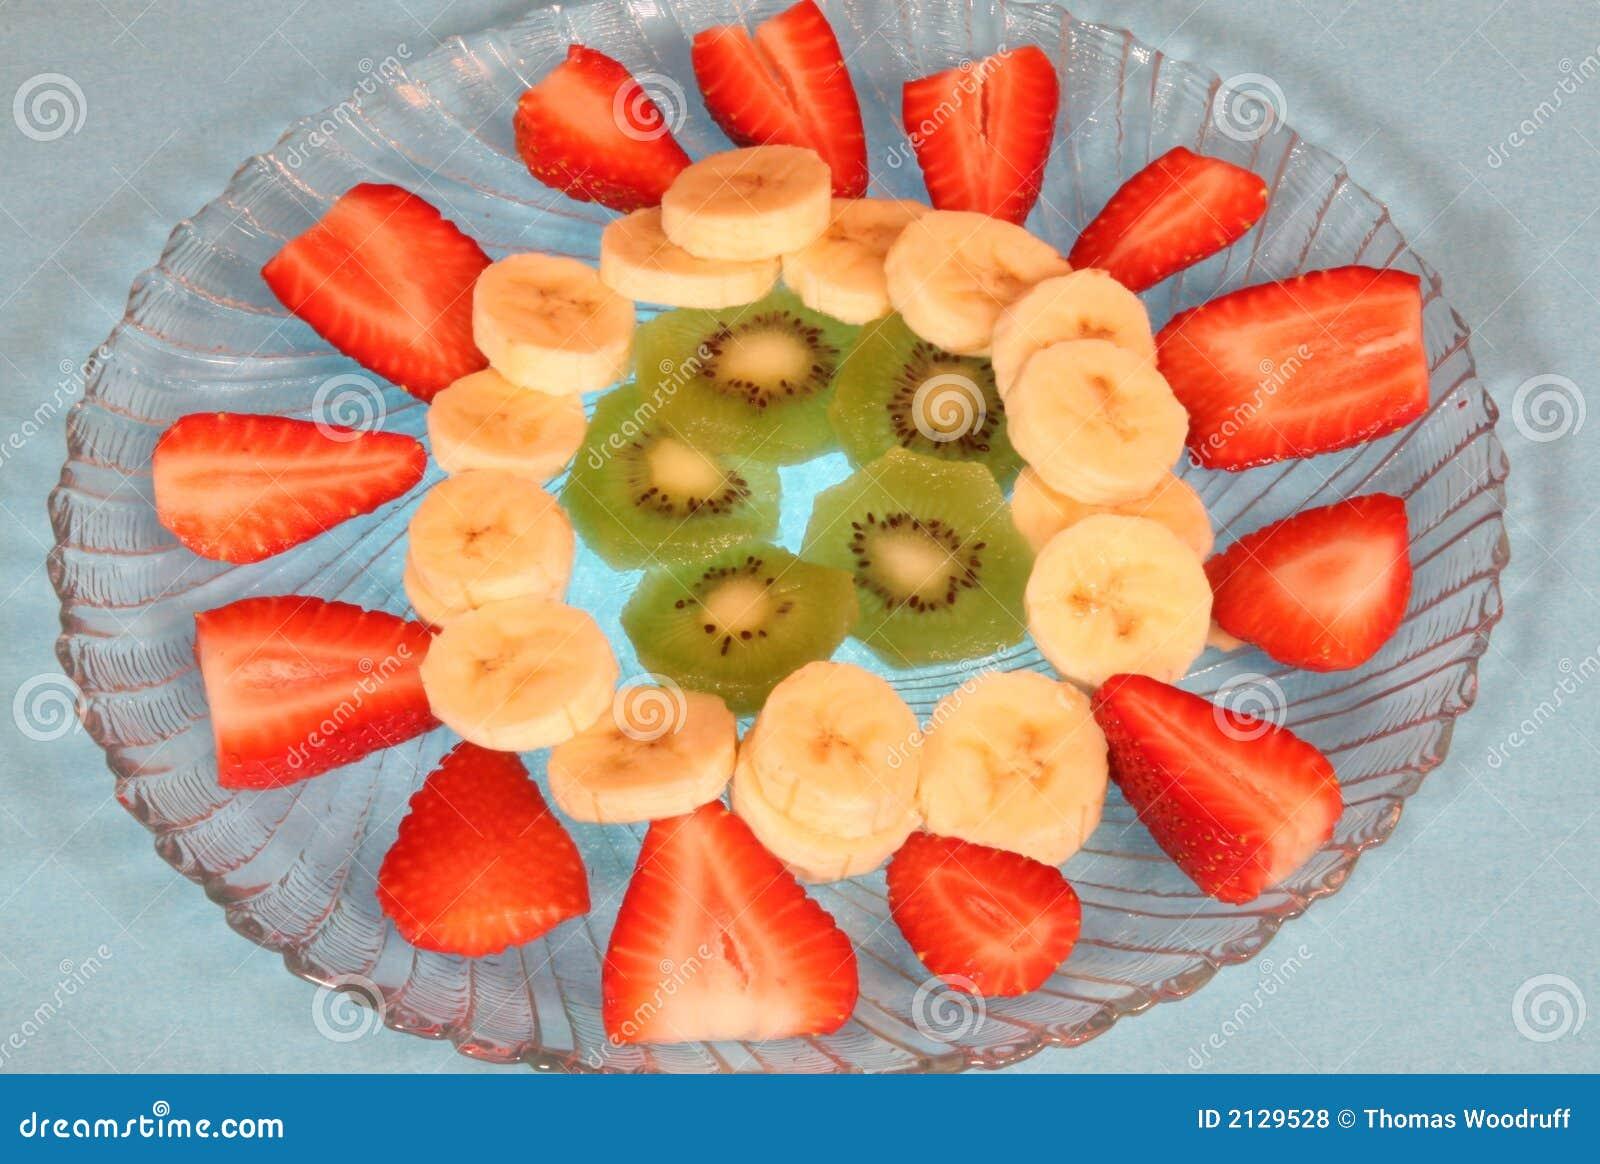 Talerz owoców